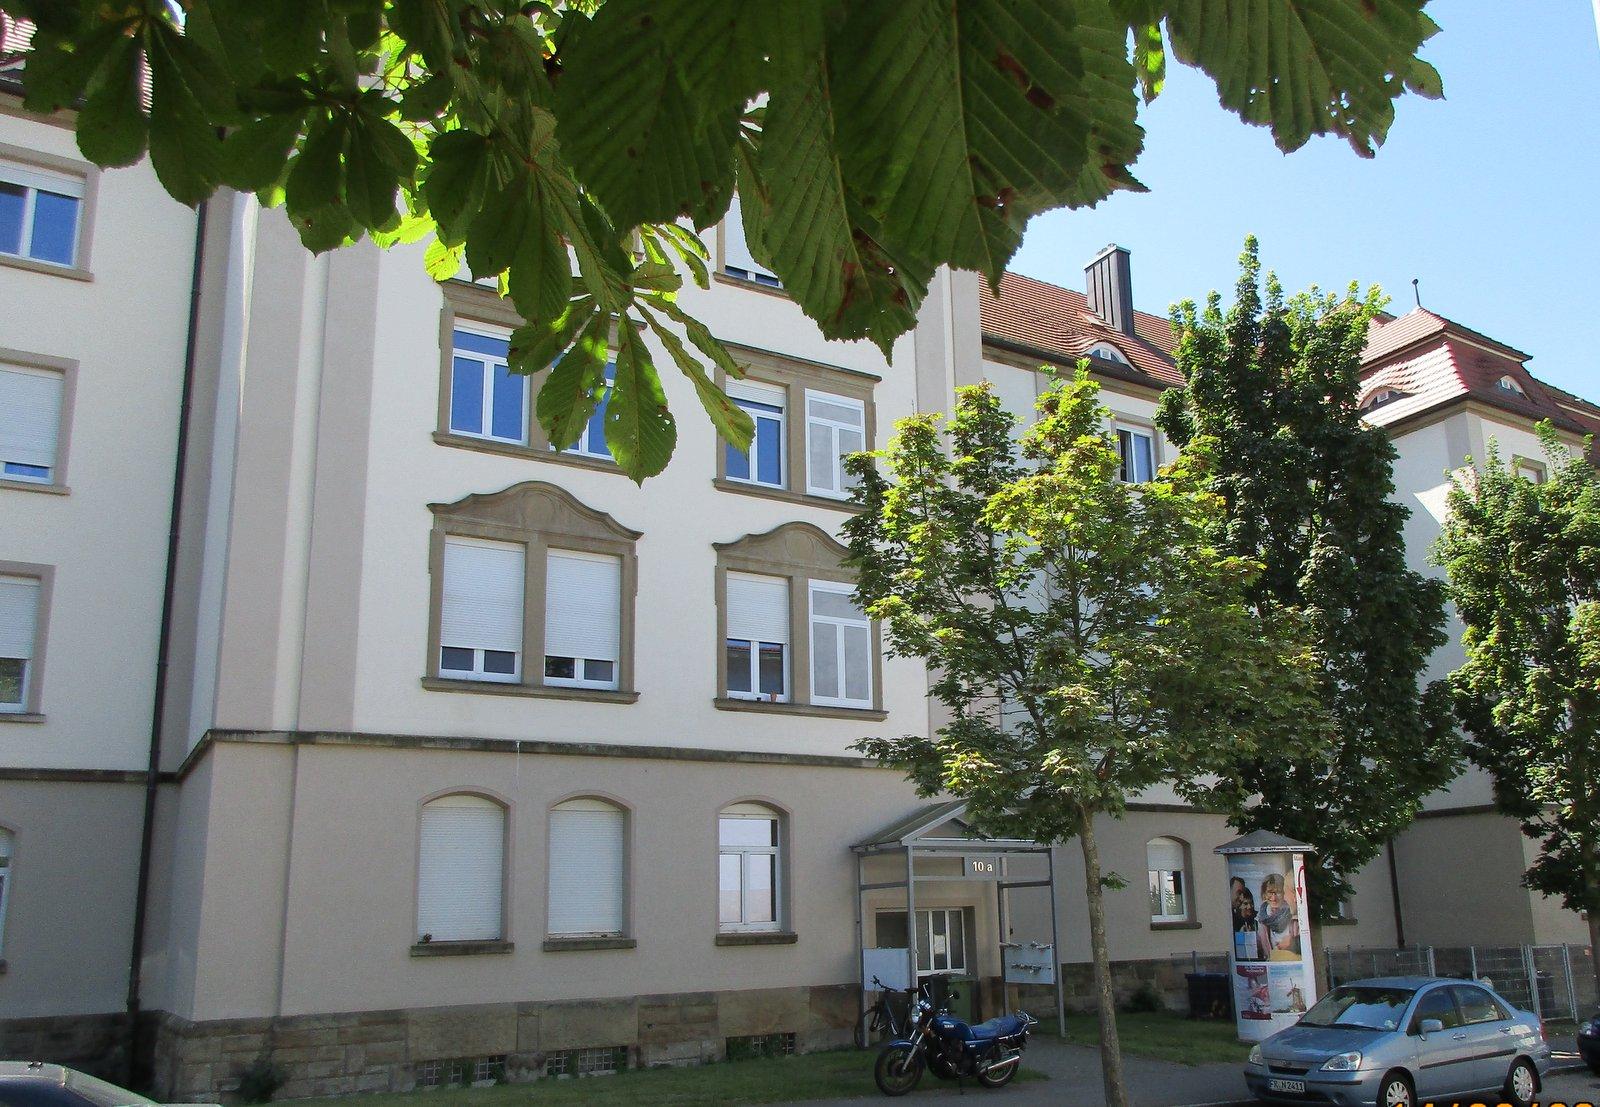 Bärenfelsstraße 1